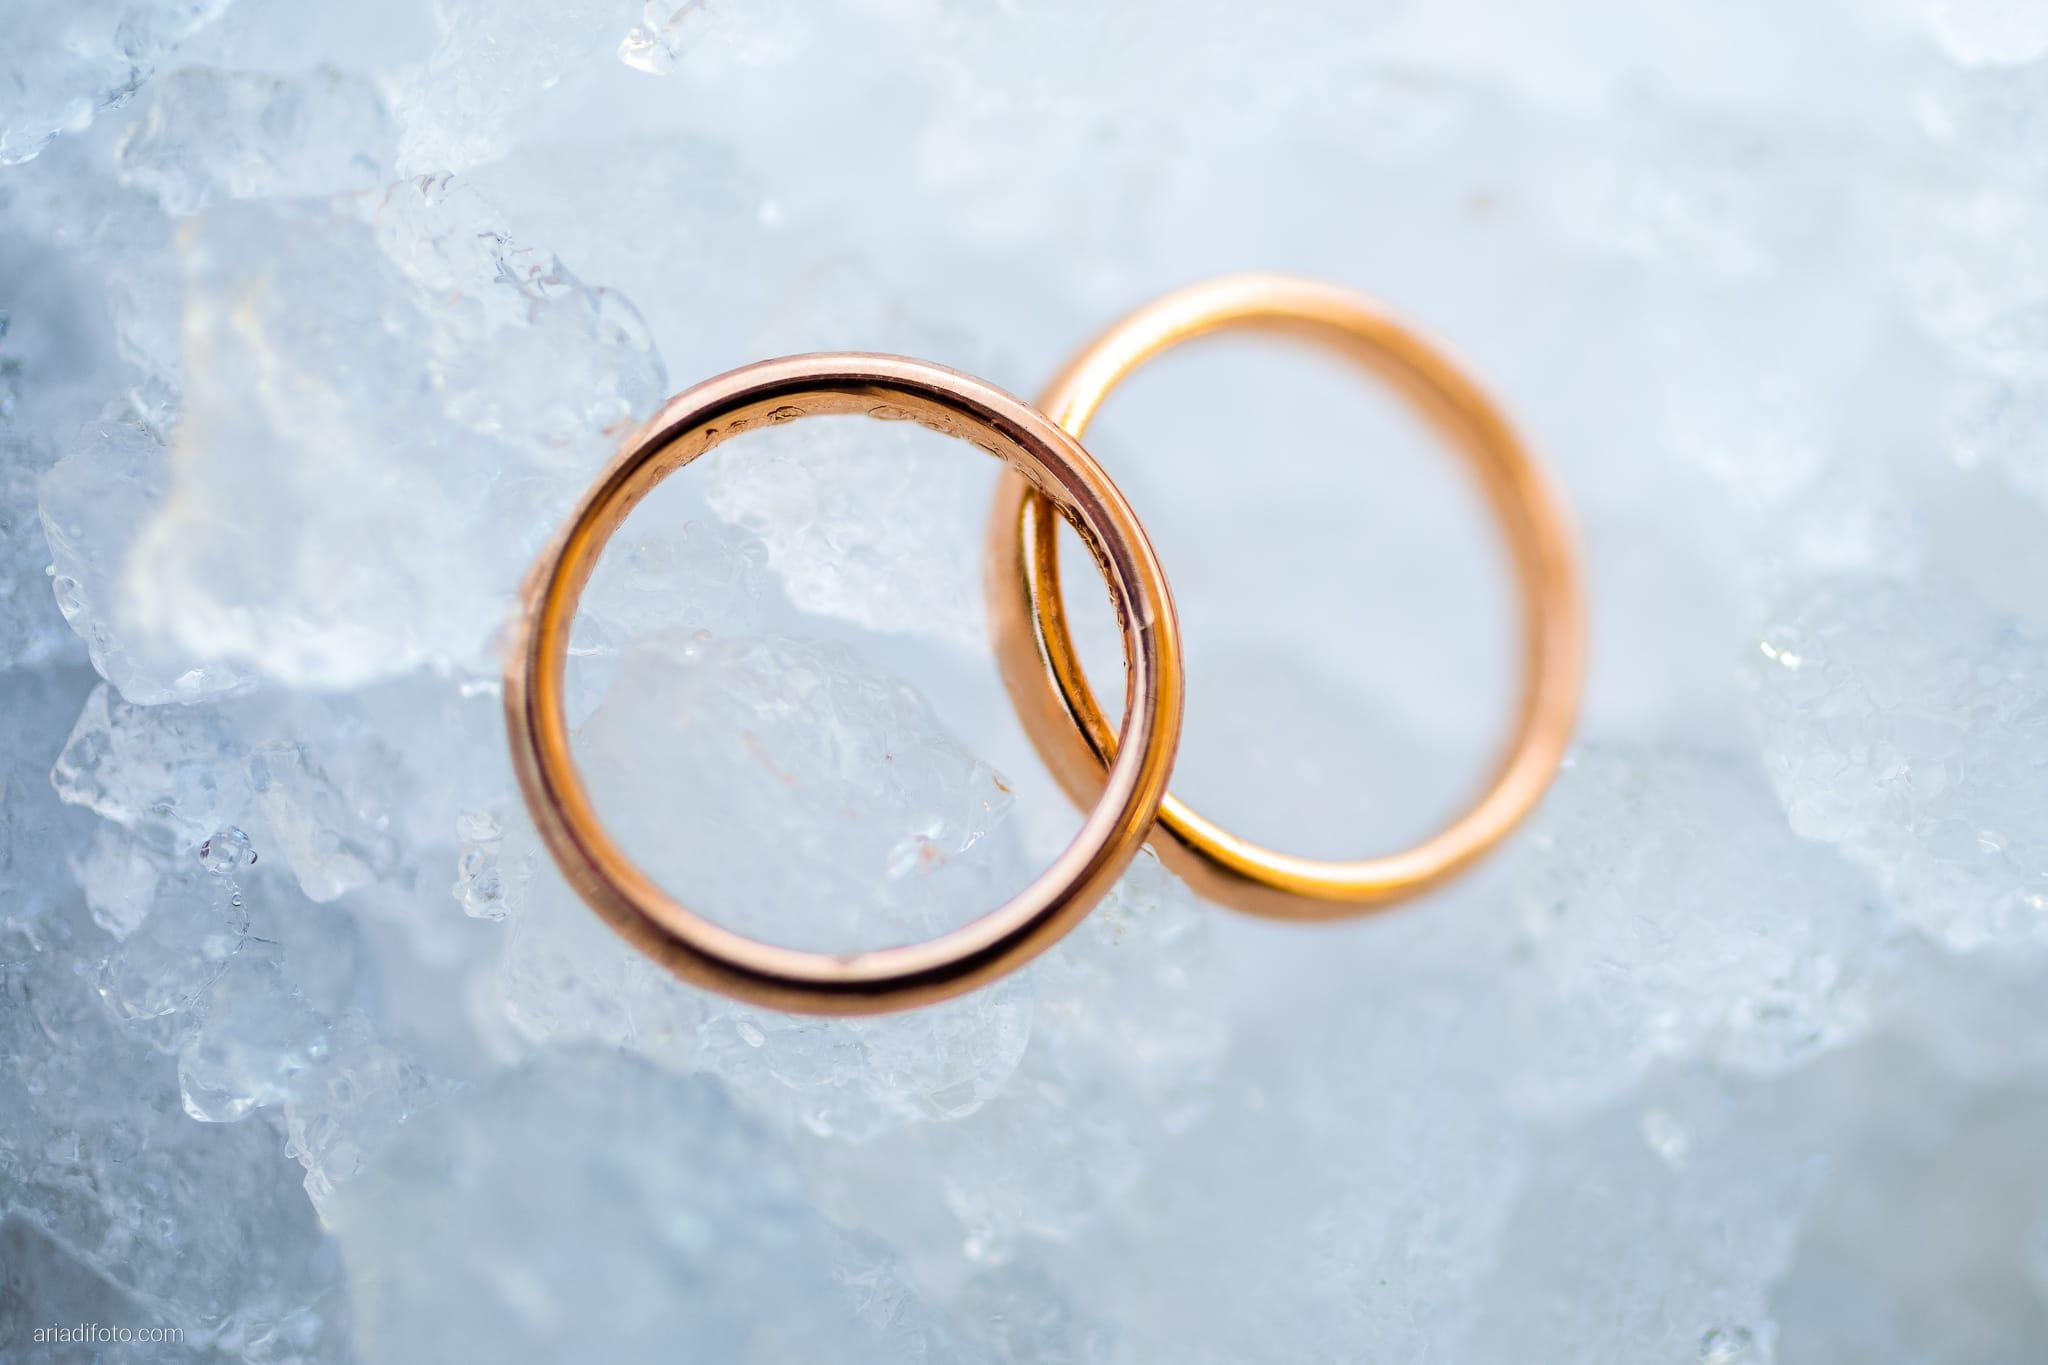 Ester Francesco Matrimonio Cattedrale Castello San Giusto Molo IV Trieste ricevimento dettagli anelli ghiaccio